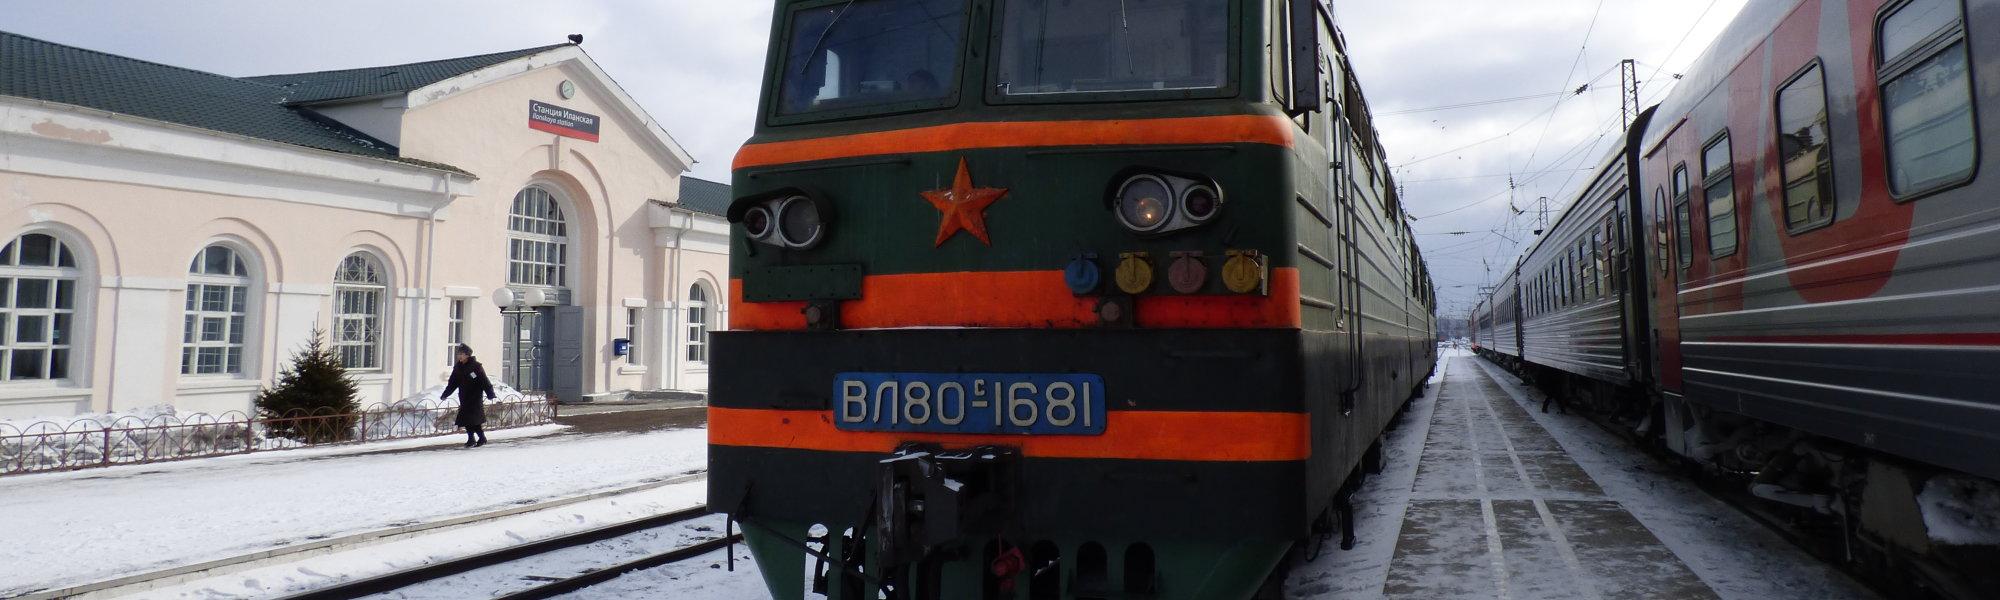 Le Transsibérien en hiver. Photo : Nord Espaces